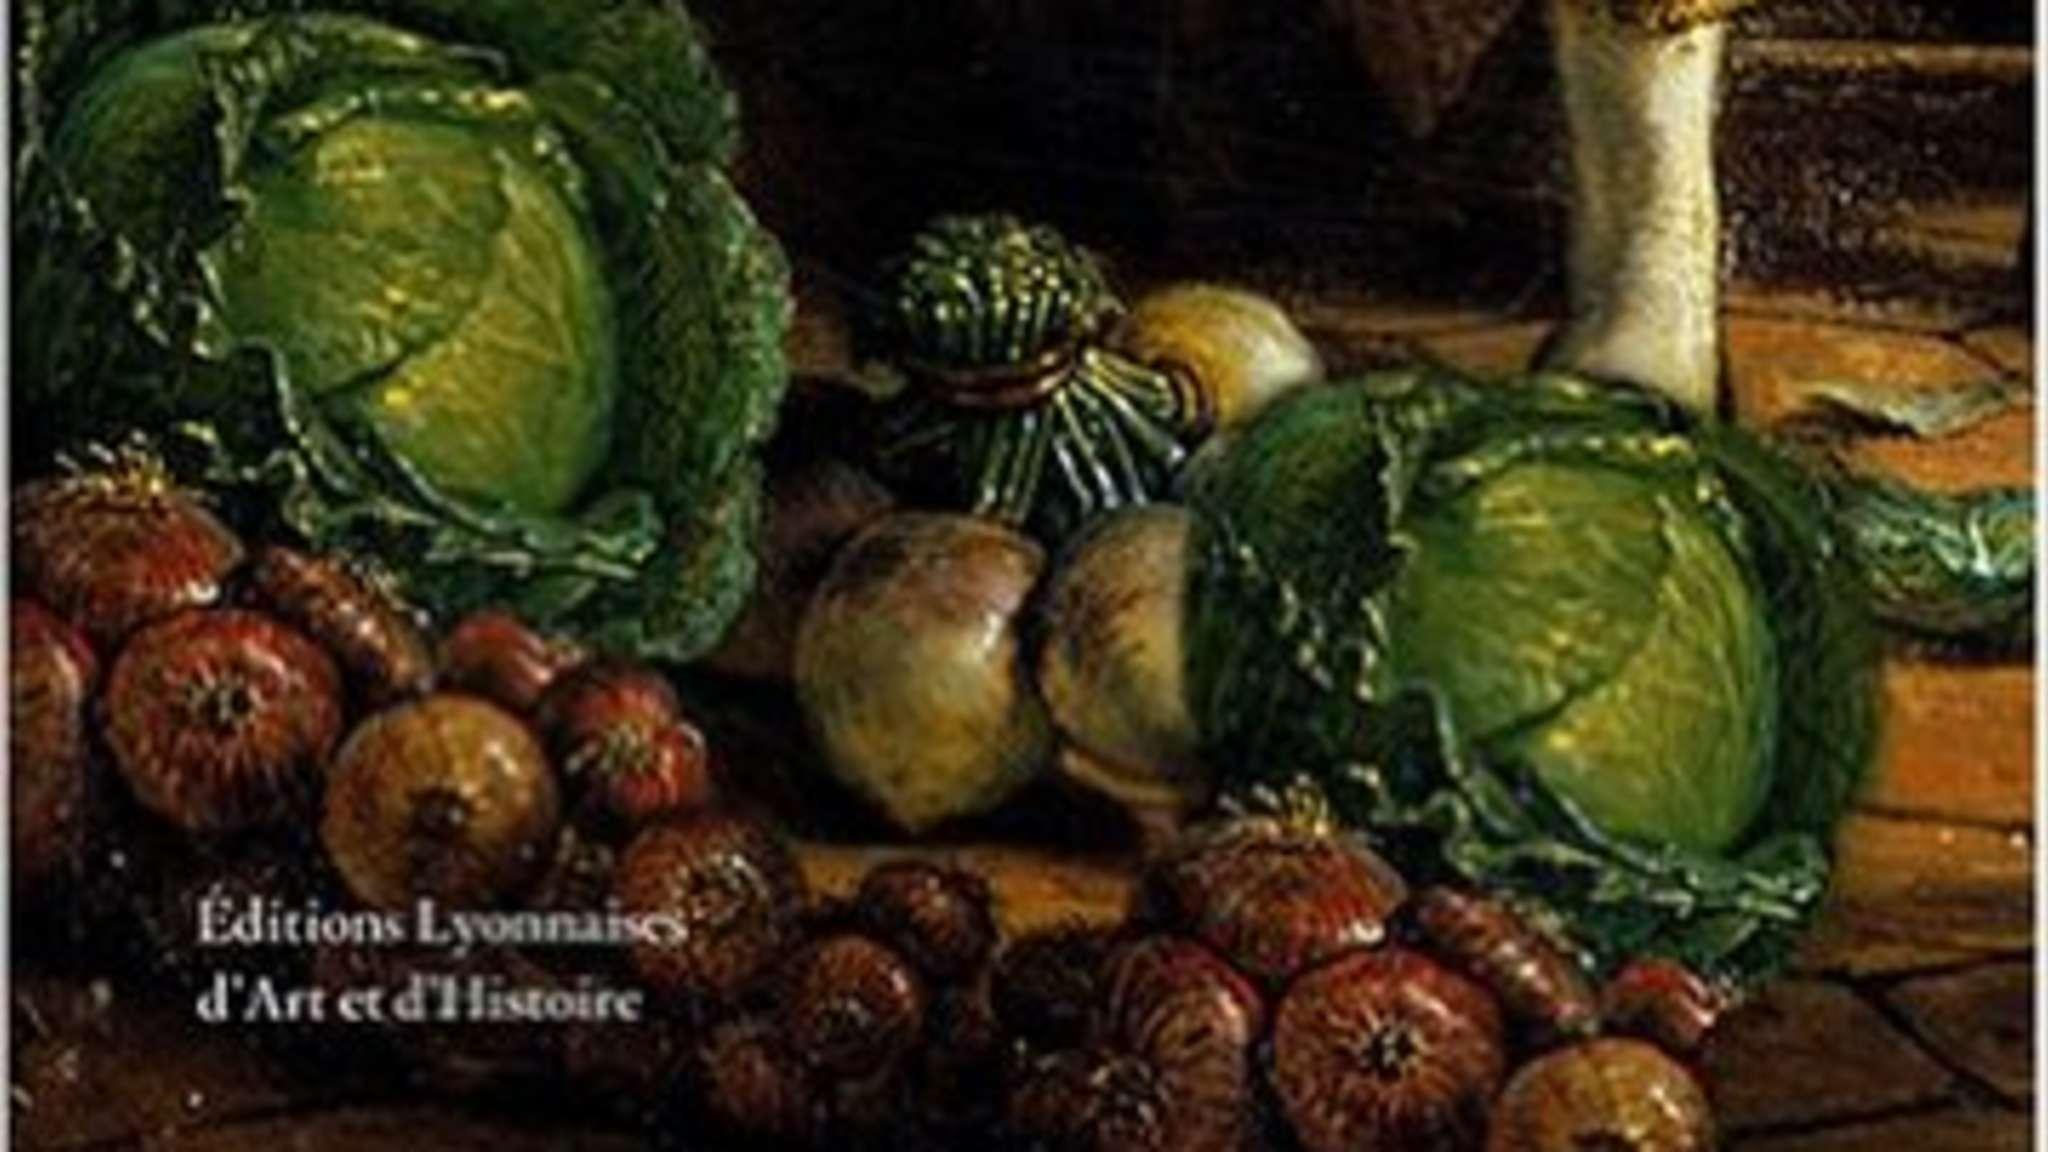 Lyon 1555, capitale de la culture gourmande au XVIe siècle